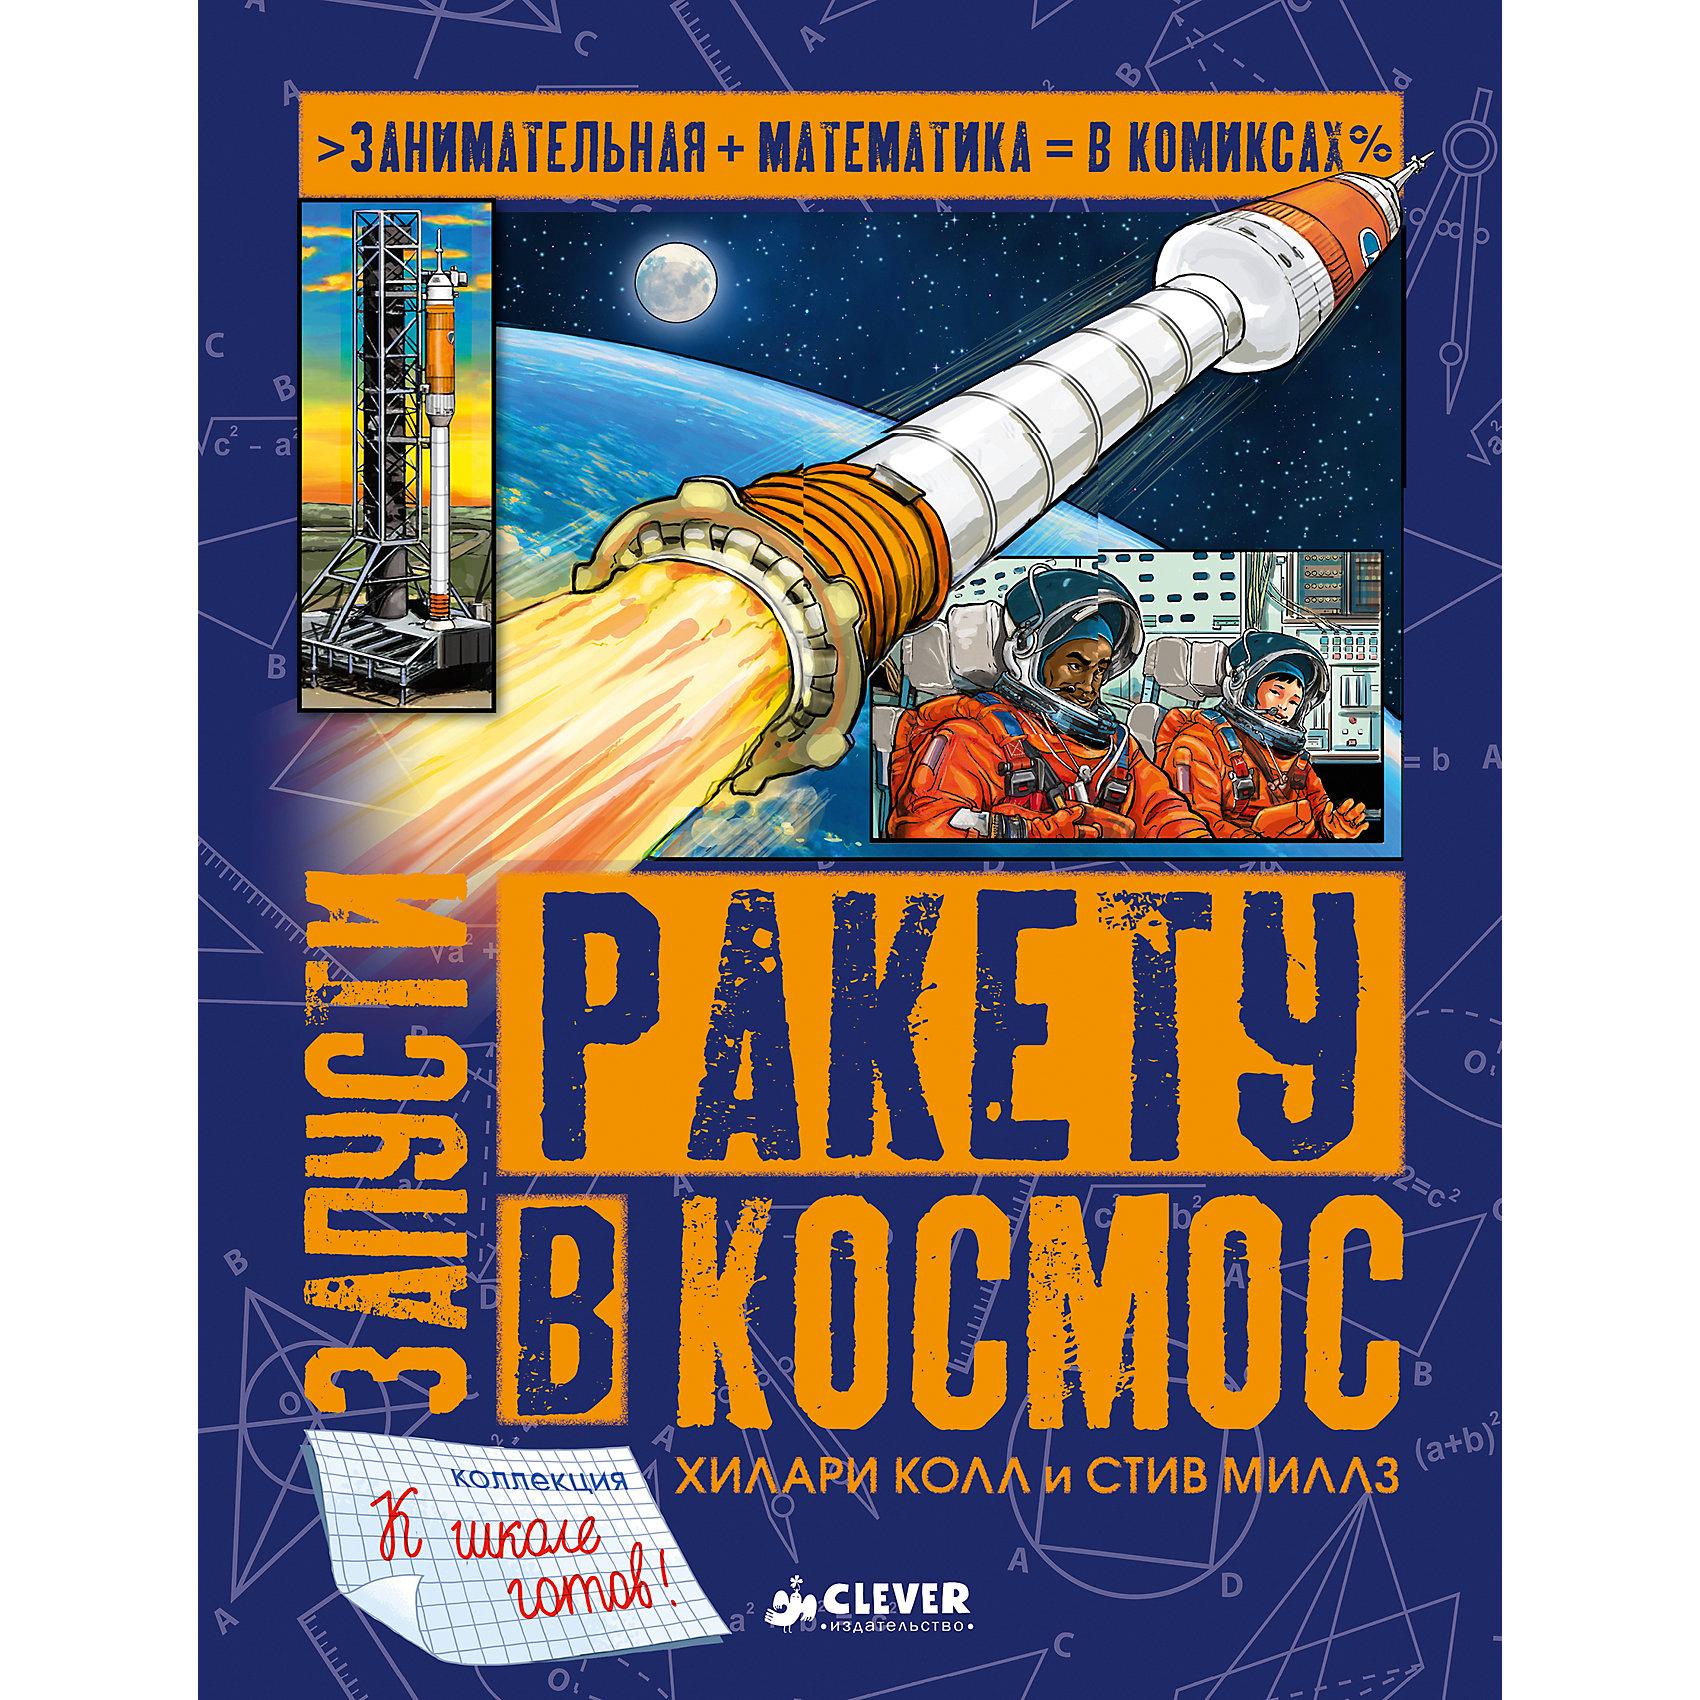 Книжка Запусти ракету в космос, CleverПодготовка к школе<br>Характеристики товара:<br><br>• ISBN: 978-5-906951-40-3;<br>• возраст: от 6 лет;<br>• формат: 84х108/16;<br>• бумага: мелованная;<br>• тип обложки: 7Б - твердая (плотная бумага или картон);<br>• оформление: частичная лакировка;<br>• иллюстрации: цветные;<br>• серия: Занимательная математика в комиксах;<br>• издательство: Клевер Медиа Групп, 2017 г.;<br>• автор: Колл Хилари, Миллз Стив;<br>• переводчик: Оксана Дереза;<br>• художник: Алексич Владимир;<br>• количество страниц: 32;<br>• размеры: 25,8х19,7х0,7 см;<br>• масса: 304 г.<br><br>Космонавты из красочных комиксов расскажут ребятам о том, как математика способна помочь вырваться за пределы земной атмосферы и отправиться в космос. Мальчики и девочки научатся решать нестандартные задачи, выполнять логические и вычислительные задания, а также справляться с различными по сложности школьными и олимпиадными заданиями по математике. <br><br>Книгу «Запусти ракету в космос», Колл Хилари и Миллз Стив, Клевер Медиа Групп, можно купить в нашем интернет-магазине.<br>.<br><br>Ширина мм: 250<br>Глубина мм: 190<br>Высота мм: 10<br>Вес г: 318<br>Возраст от месяцев: 72<br>Возраст до месяцев: 2147483647<br>Пол: Унисекс<br>Возраст: Детский<br>SKU: 7004699